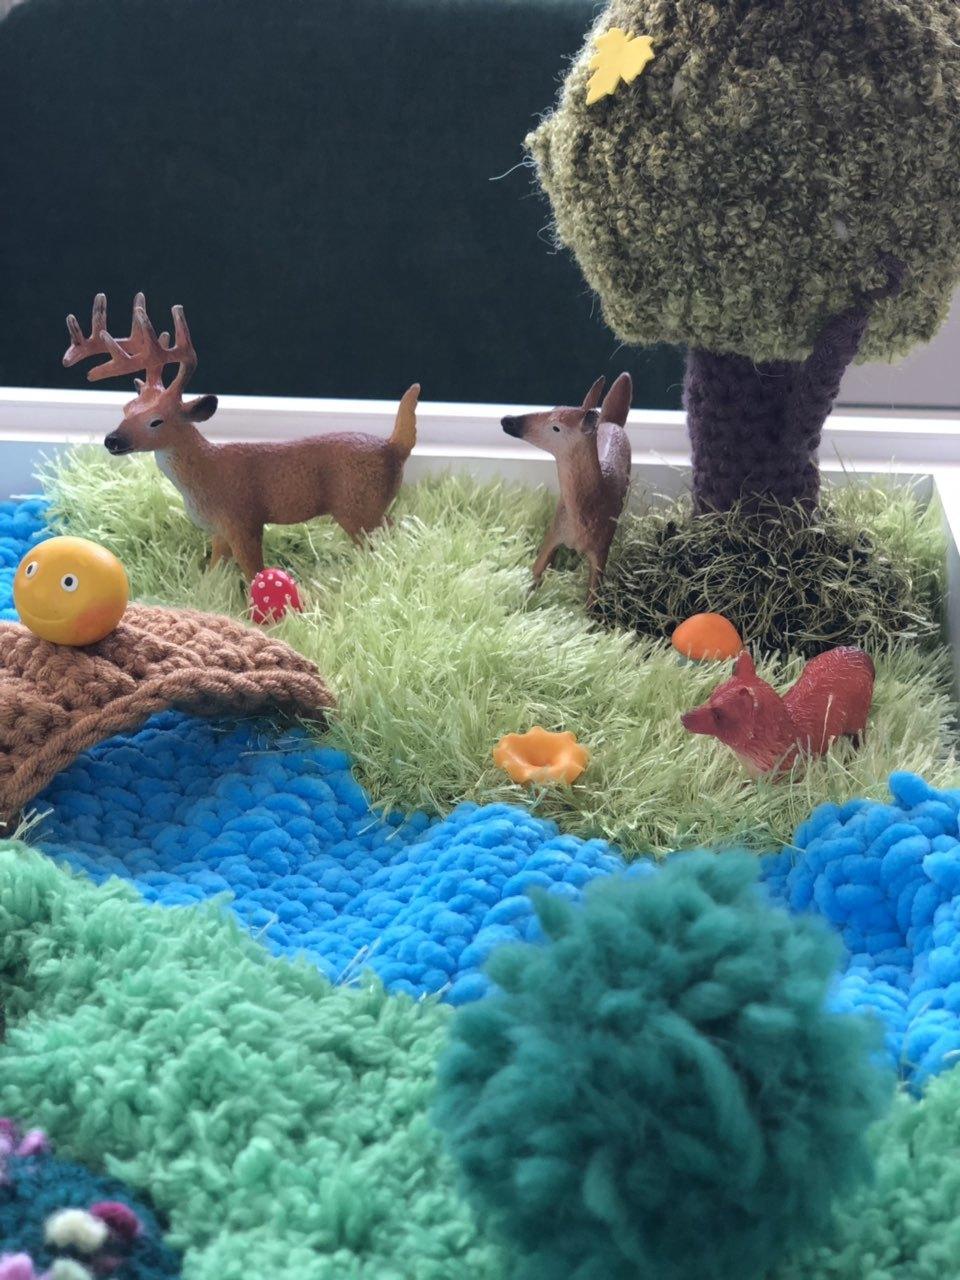 Зона леса вязаного коврика фермы для игр